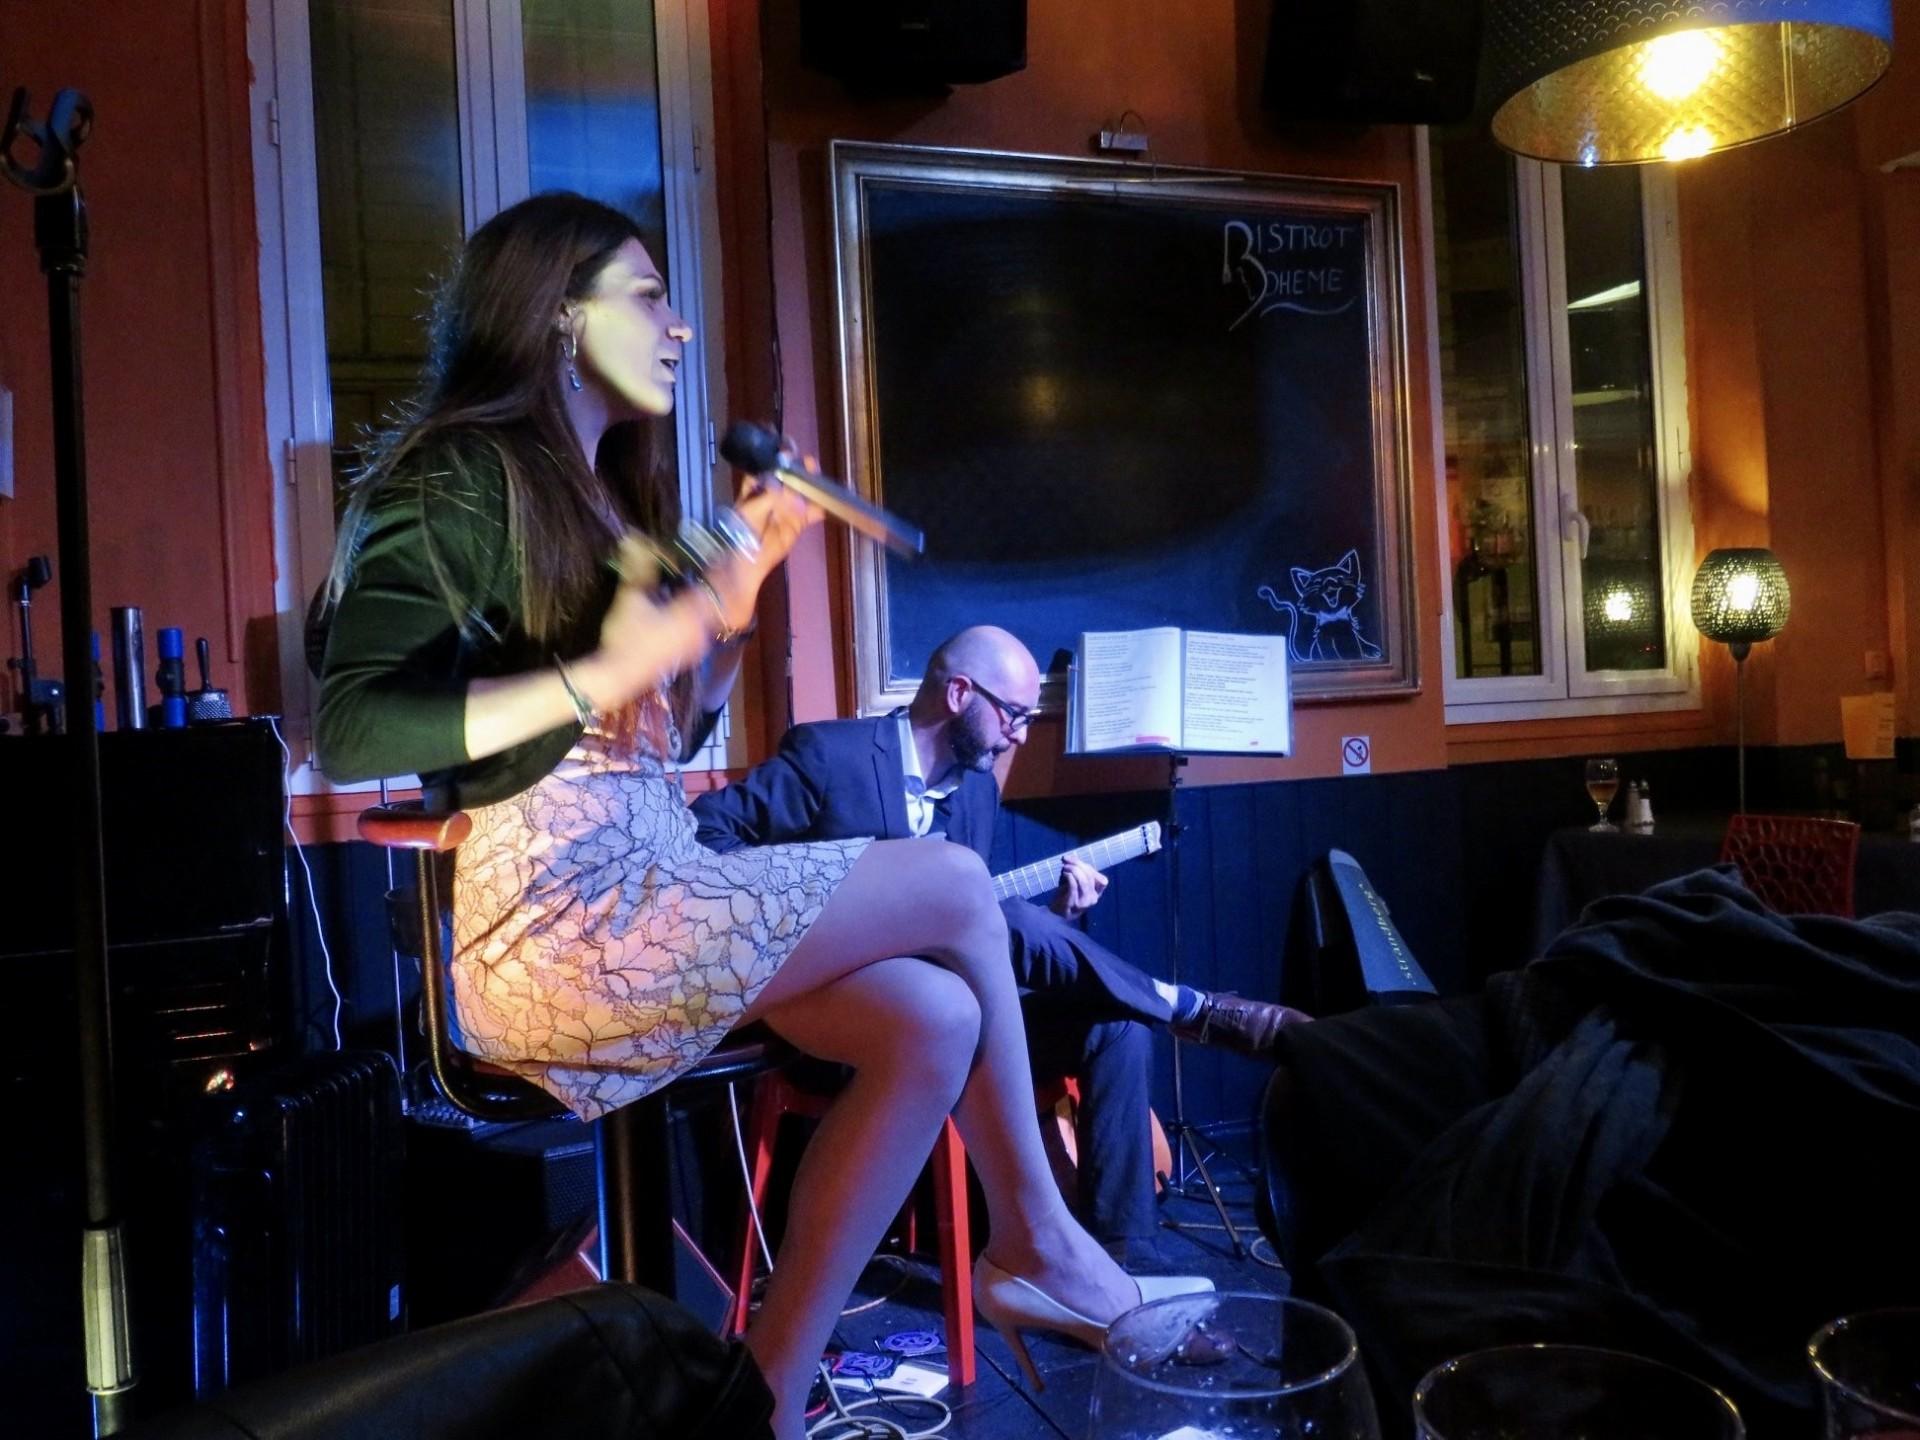 Duo Jazz Bistrot Boheme Bordeaux